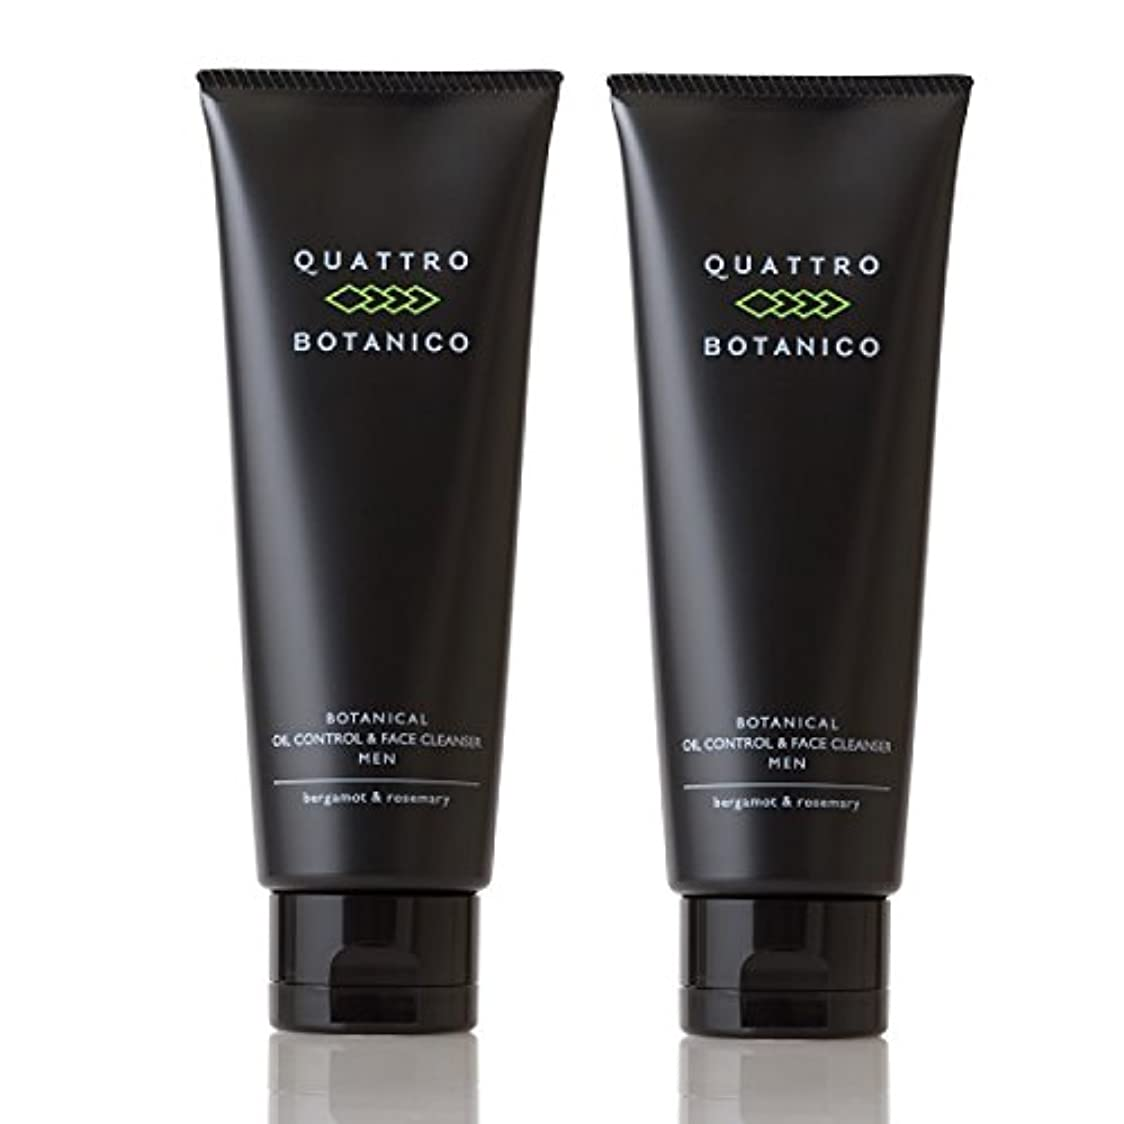 かもしれない架空の拡声器クワトロボタニコ (QUATTRO BOTANICO) 【 メンズ 洗顔 】 ボタニカル オイルコントロール & フェイスクレンザー (男性 スキンケア) 《お得な2本セット》 120g × 2本